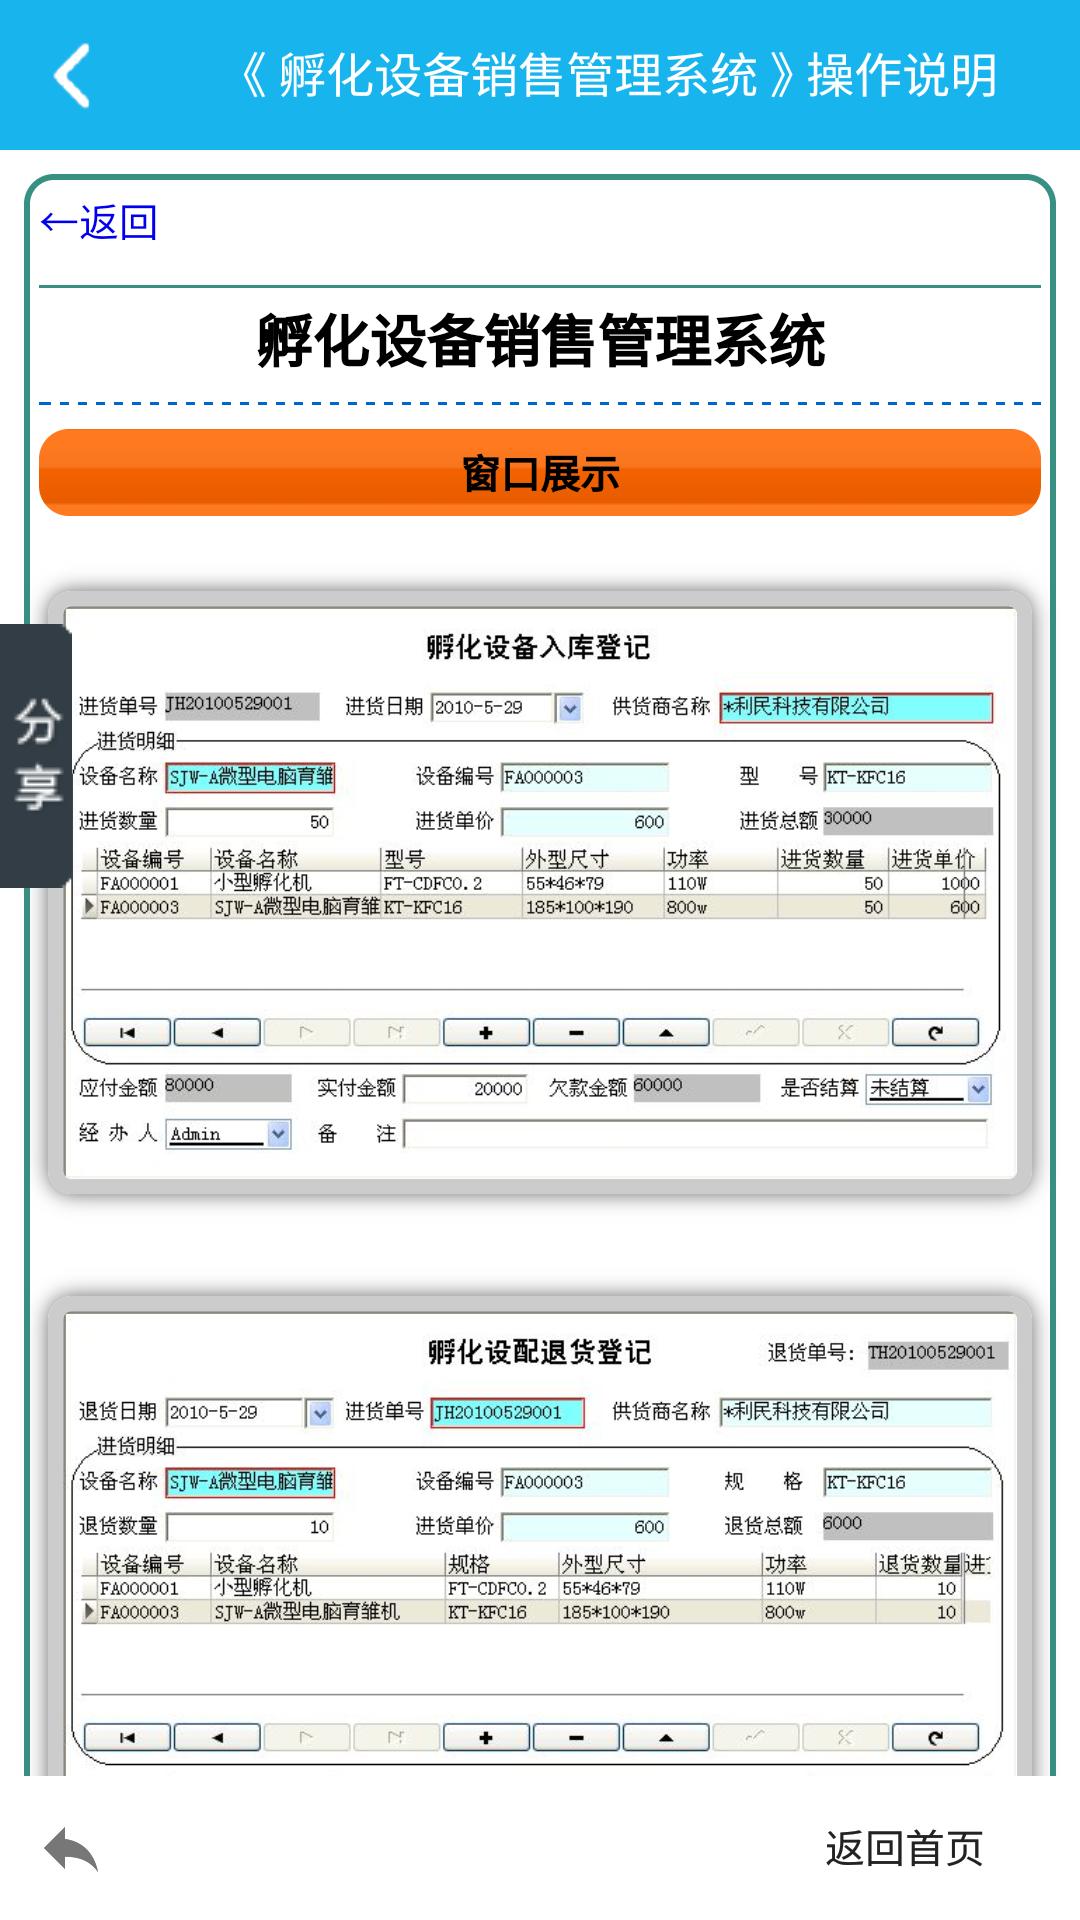 孵化设备销售管理系统截图